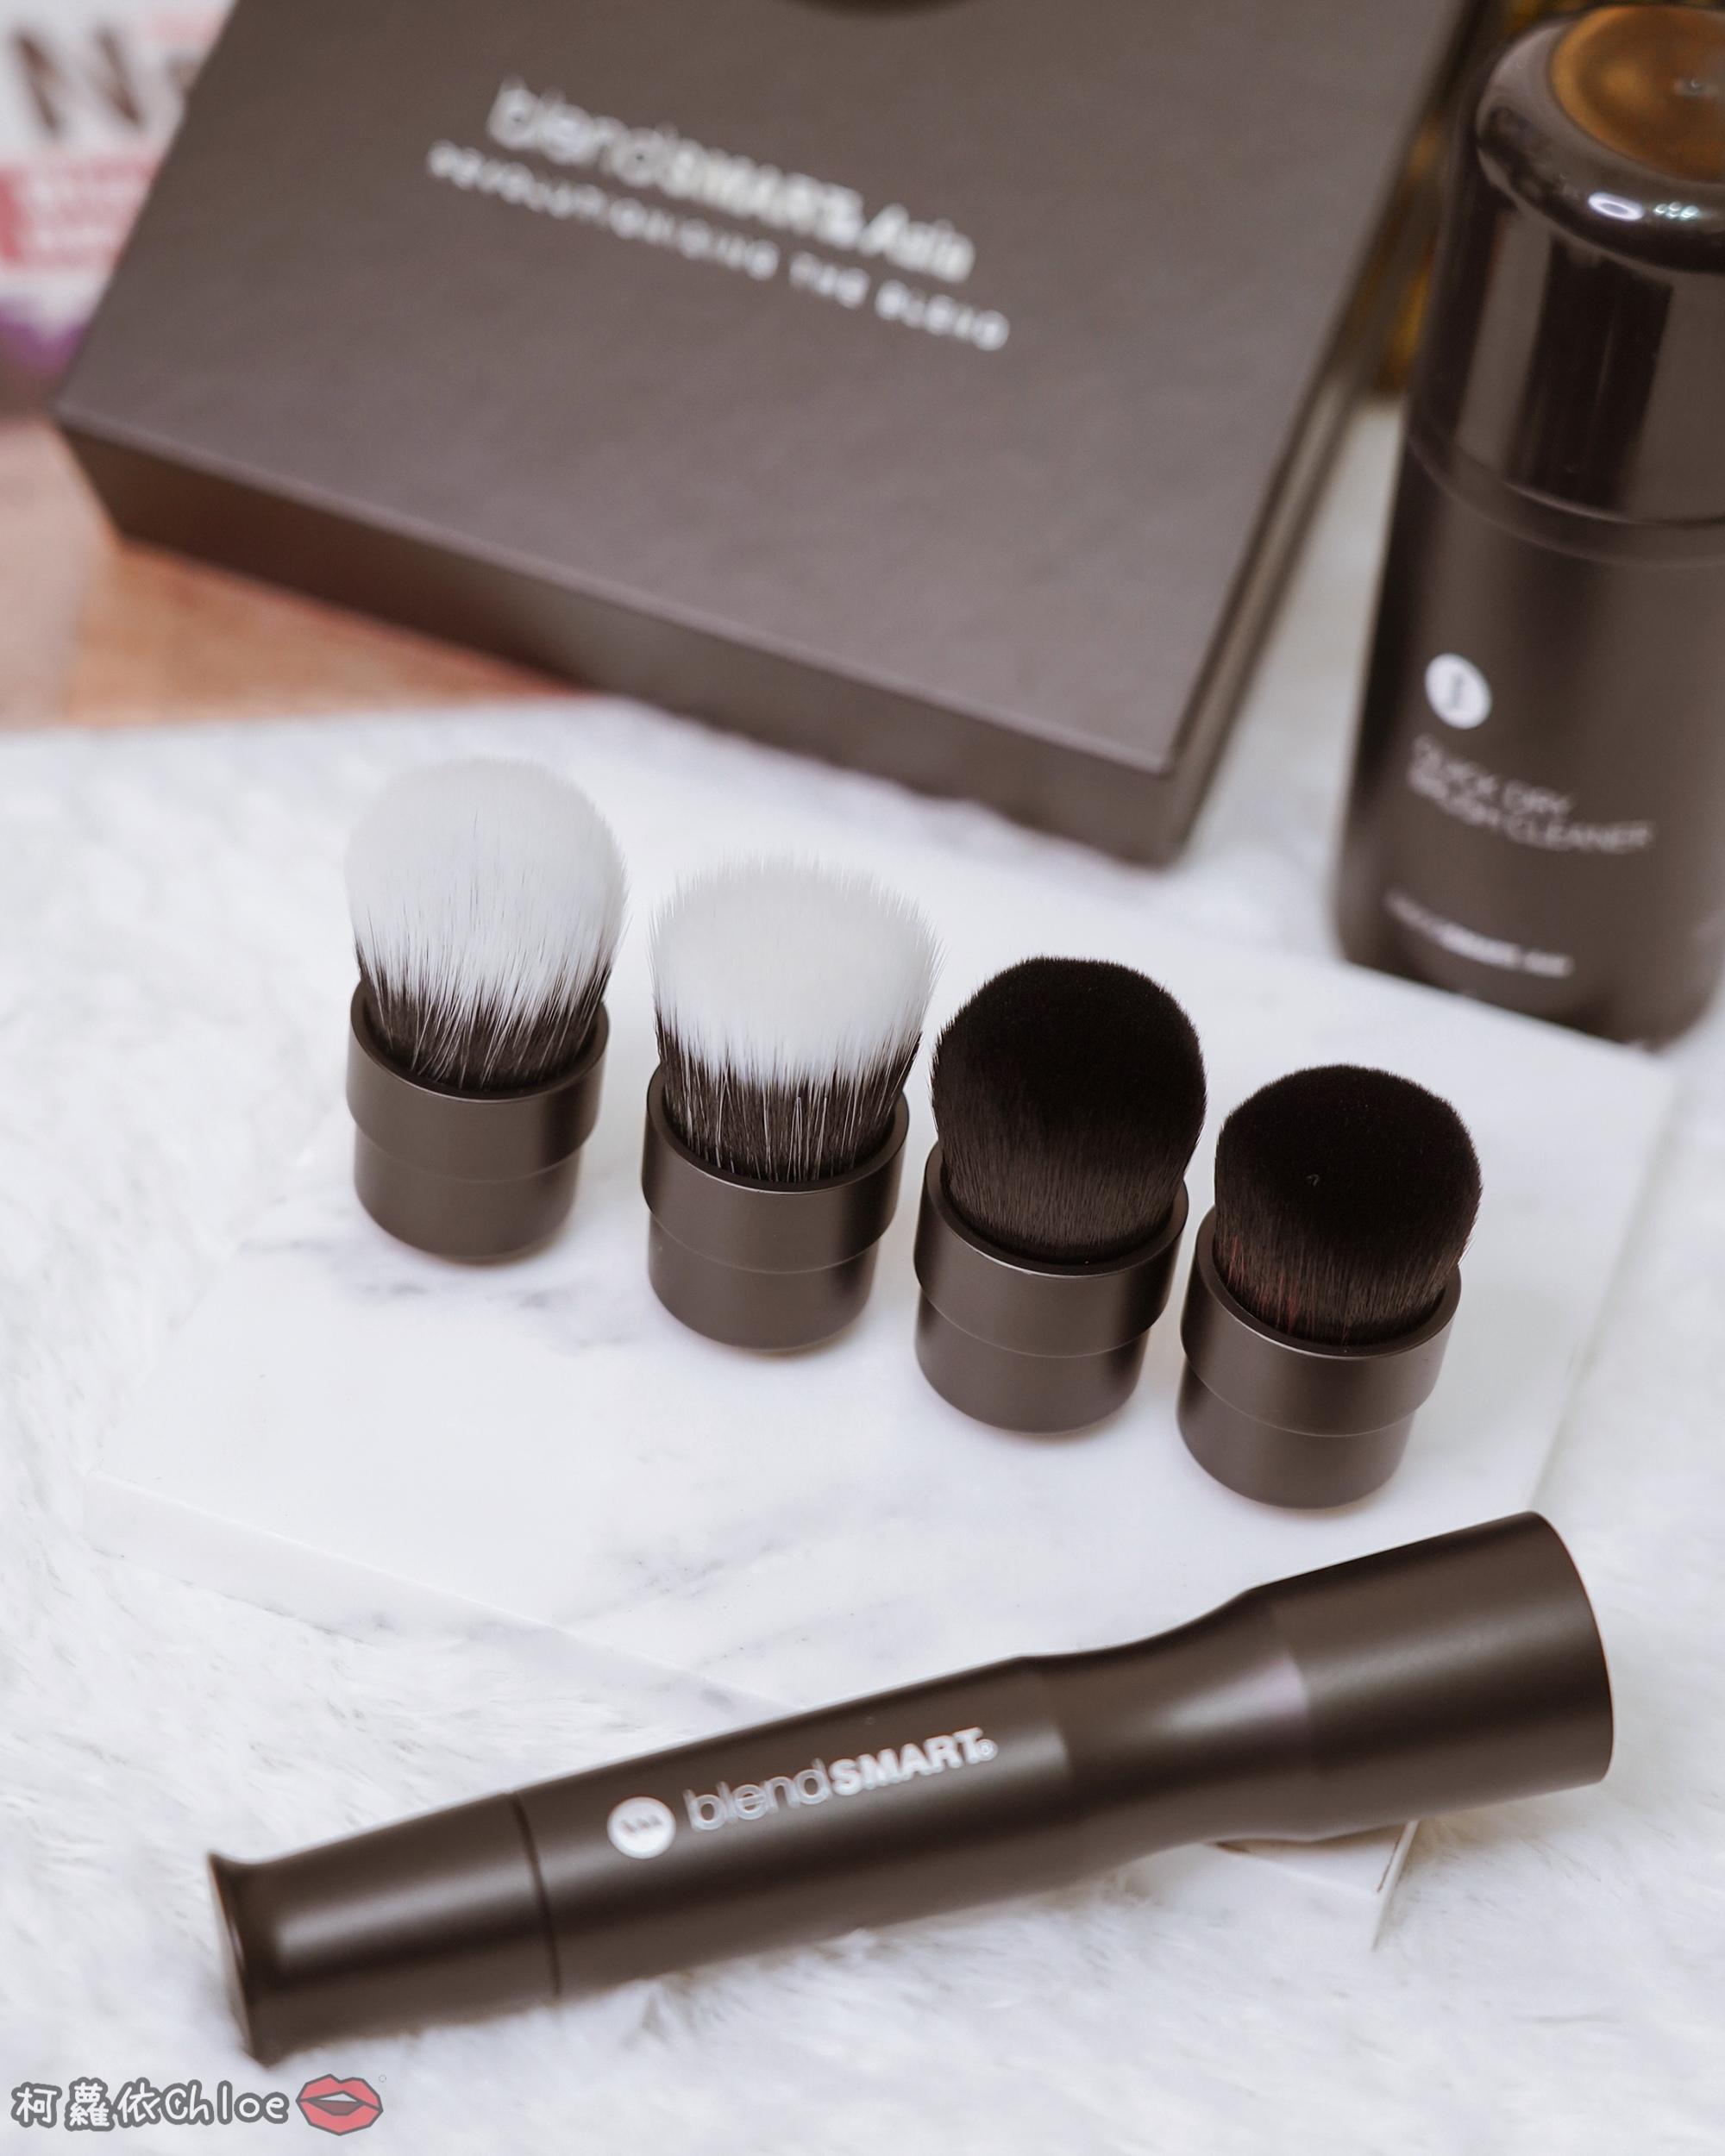 彩妝工具推薦 blendSMART電動化妝刷 達人套裝開箱 上妝輕柔更有效率7.jpg